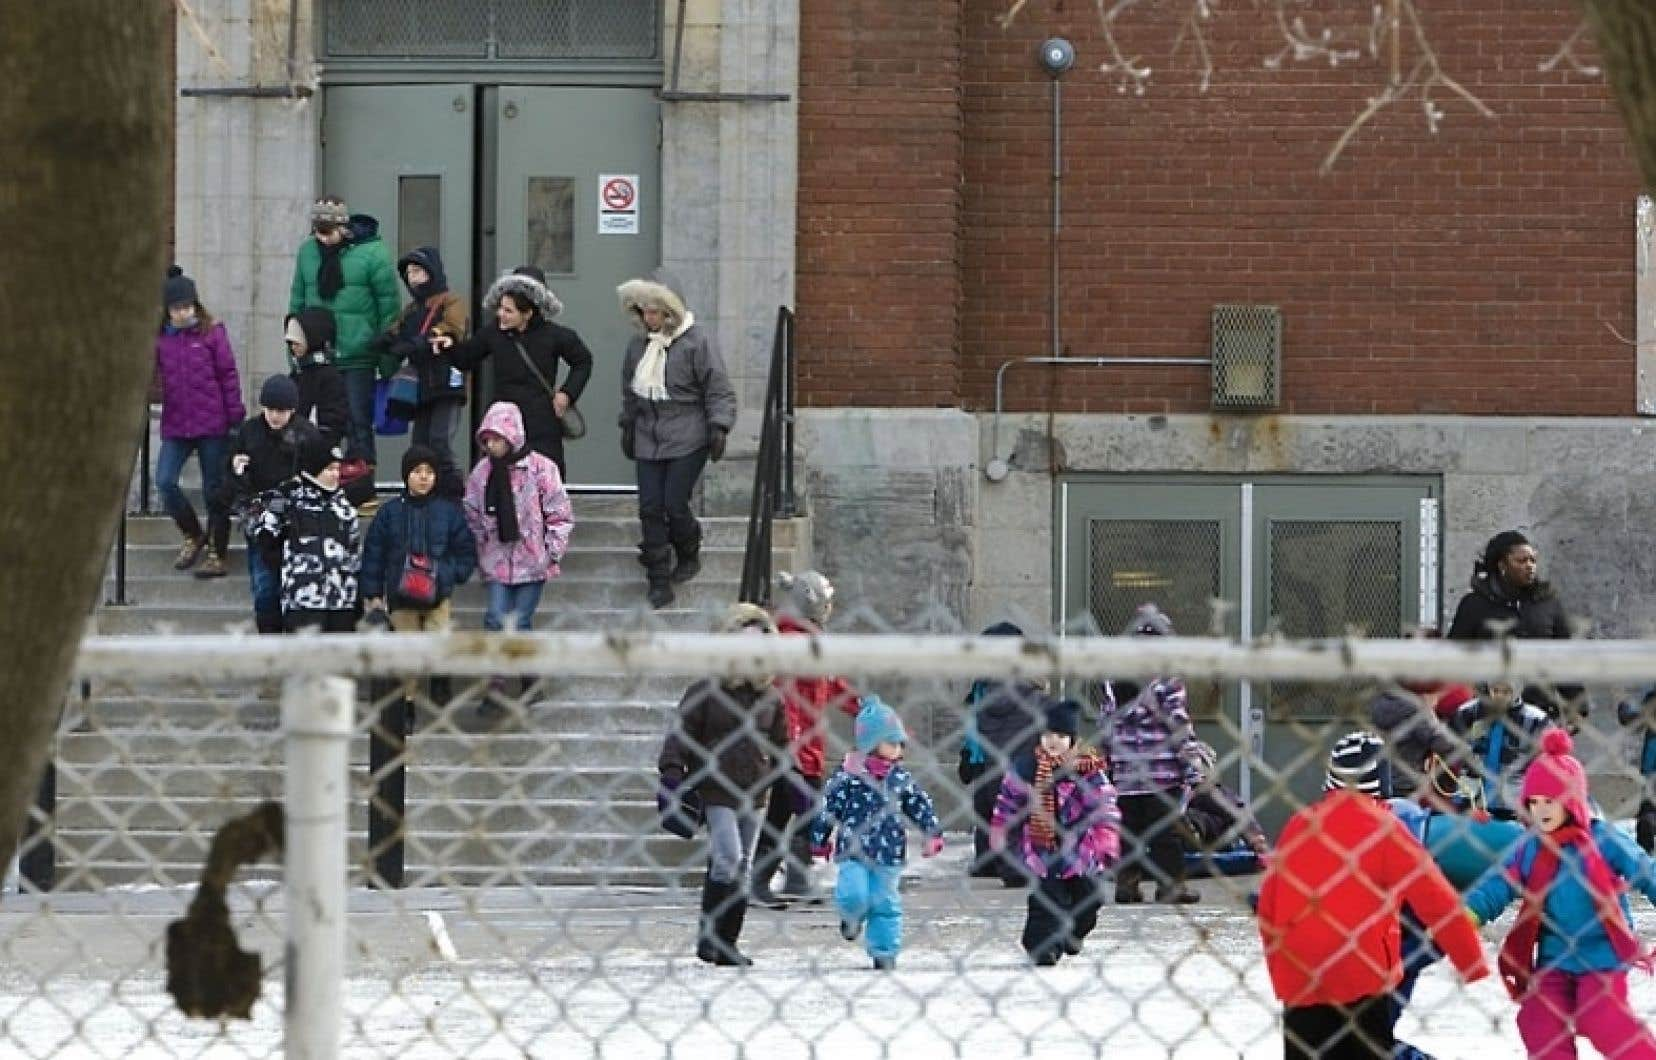 En plus des cas déjà connus de plusieurs écoles de Hochelaga-Maisonneuve, de l'école Saint-Gérard (notre photo) et de l'école Sainte-Lucie, un autre s'ajoute à la liste.